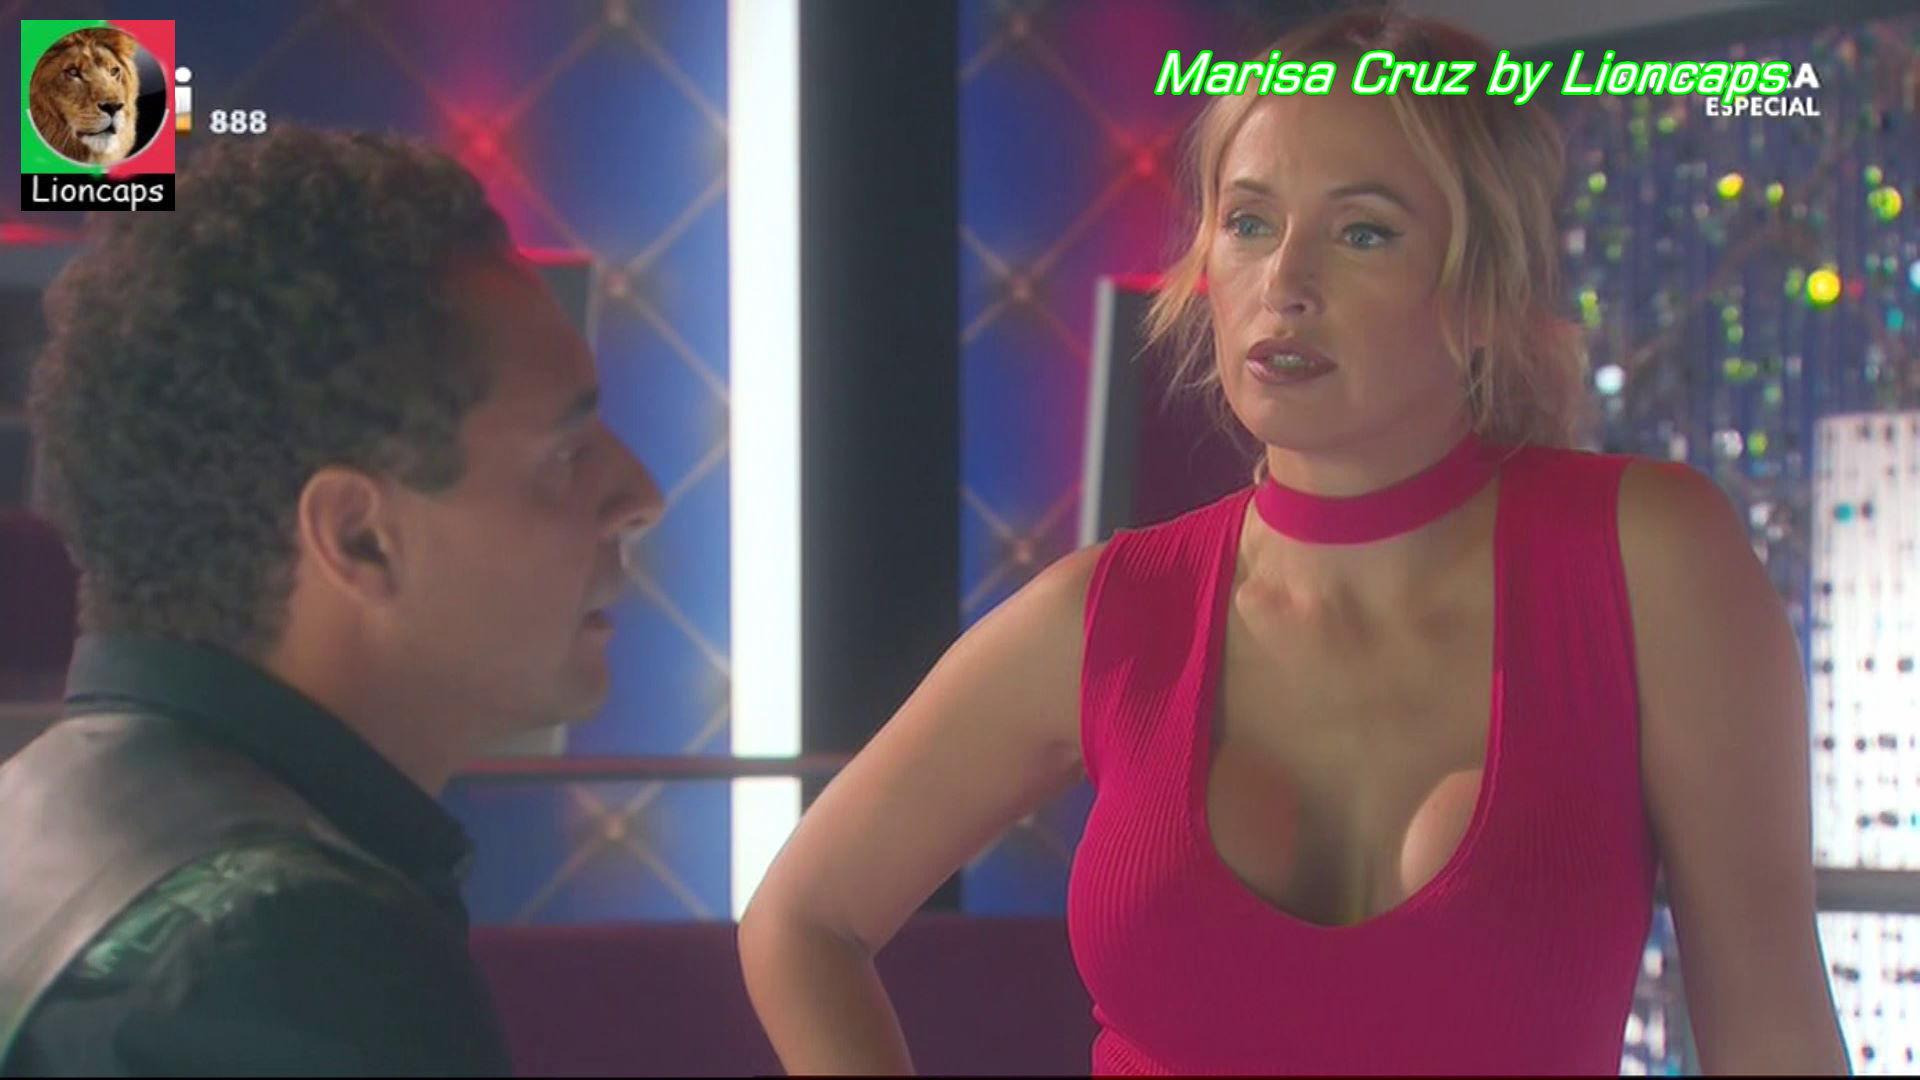 529864327_marisa_cruz_herdeira_vs180213_0732_122_44lo.JPG